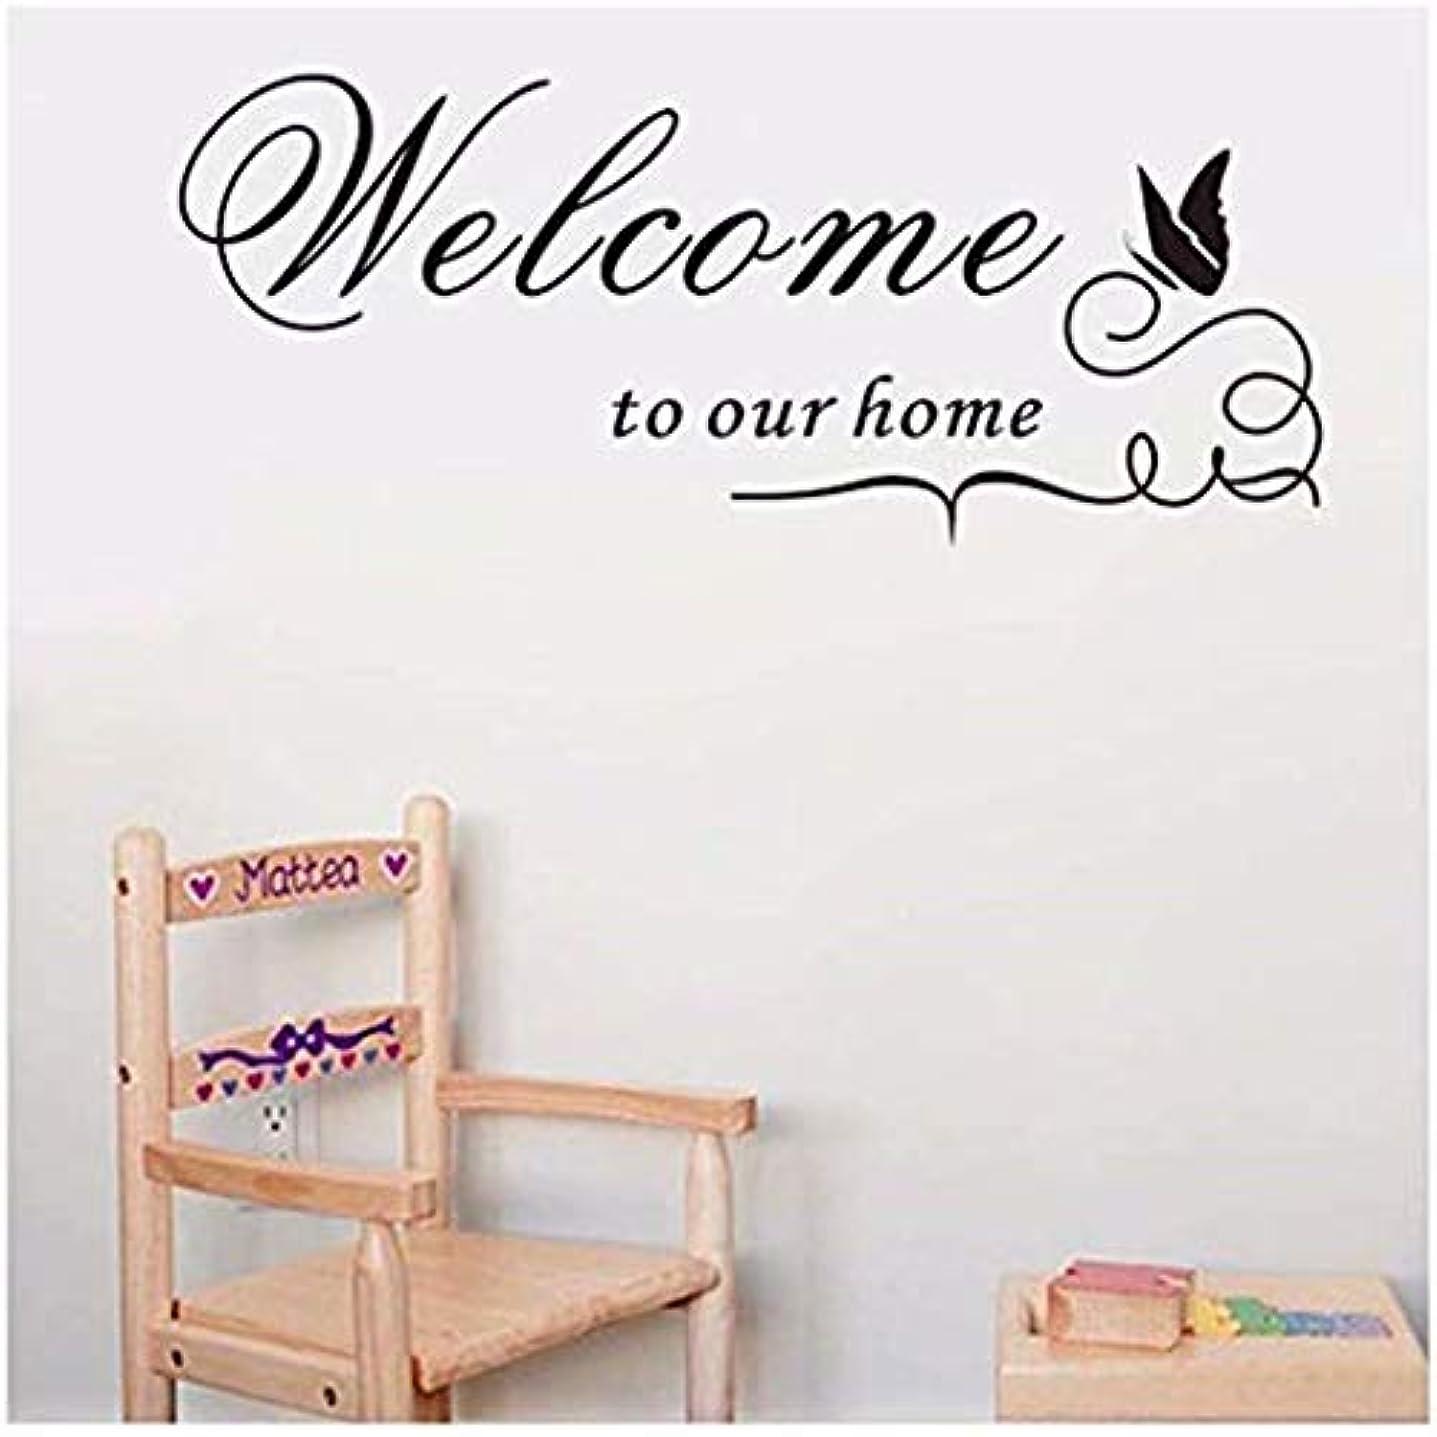 黒板科学防水七里の香 プレミアム ウォールステッカー 壁紙シール ウォールシールWelcome to Our Home 便利